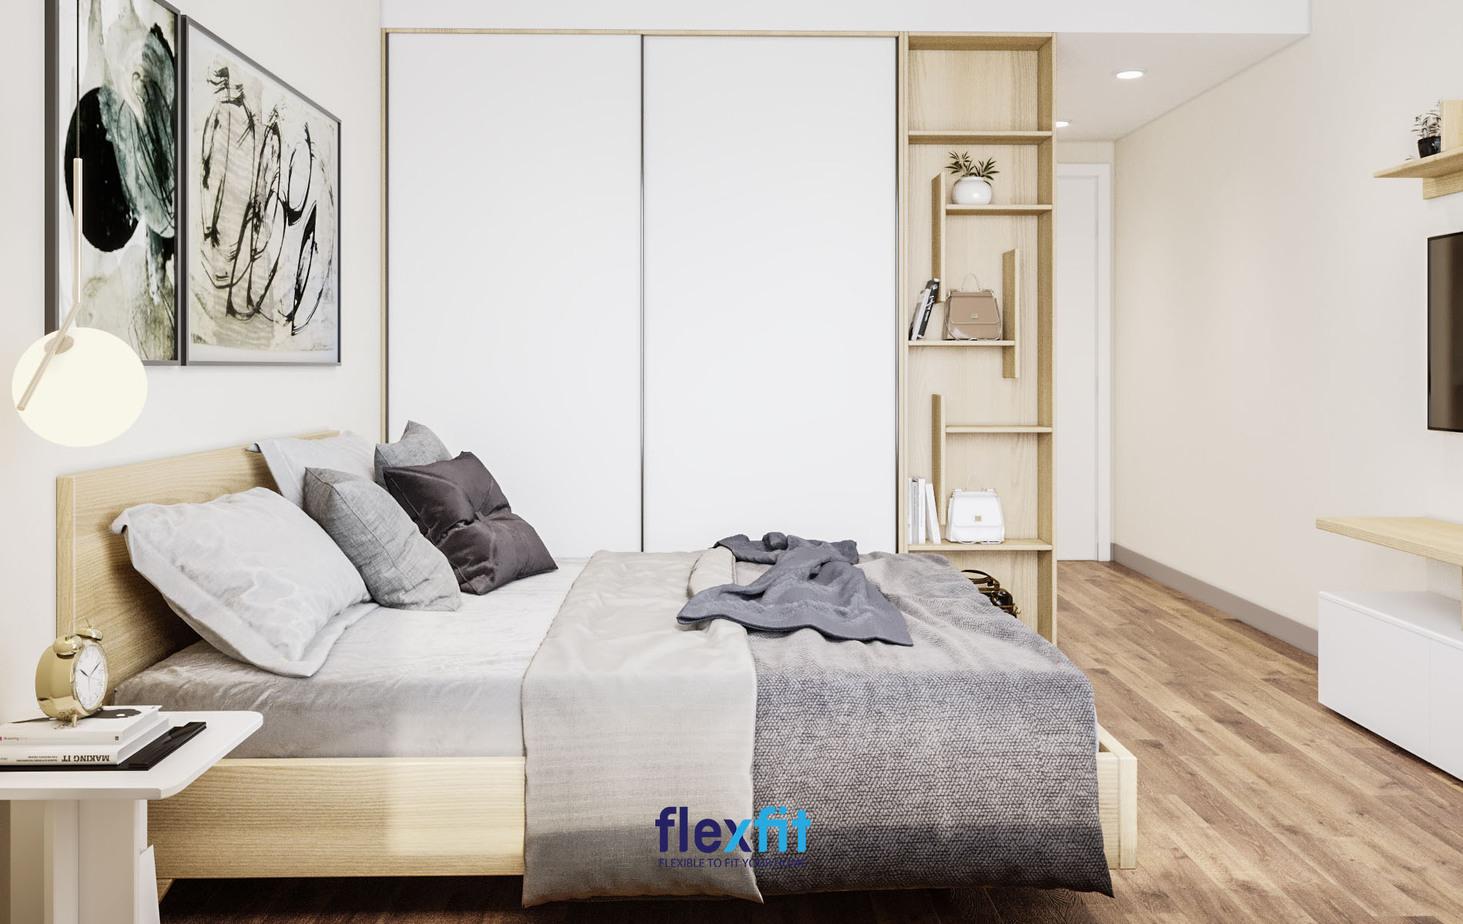 Được bố trí thêm kệ sách, cùng thiết kế kịch trần tủ quần áo 2 buồng 1m8 này mang lại sự năng động, hiện đại cho không gian phòng ngủ.